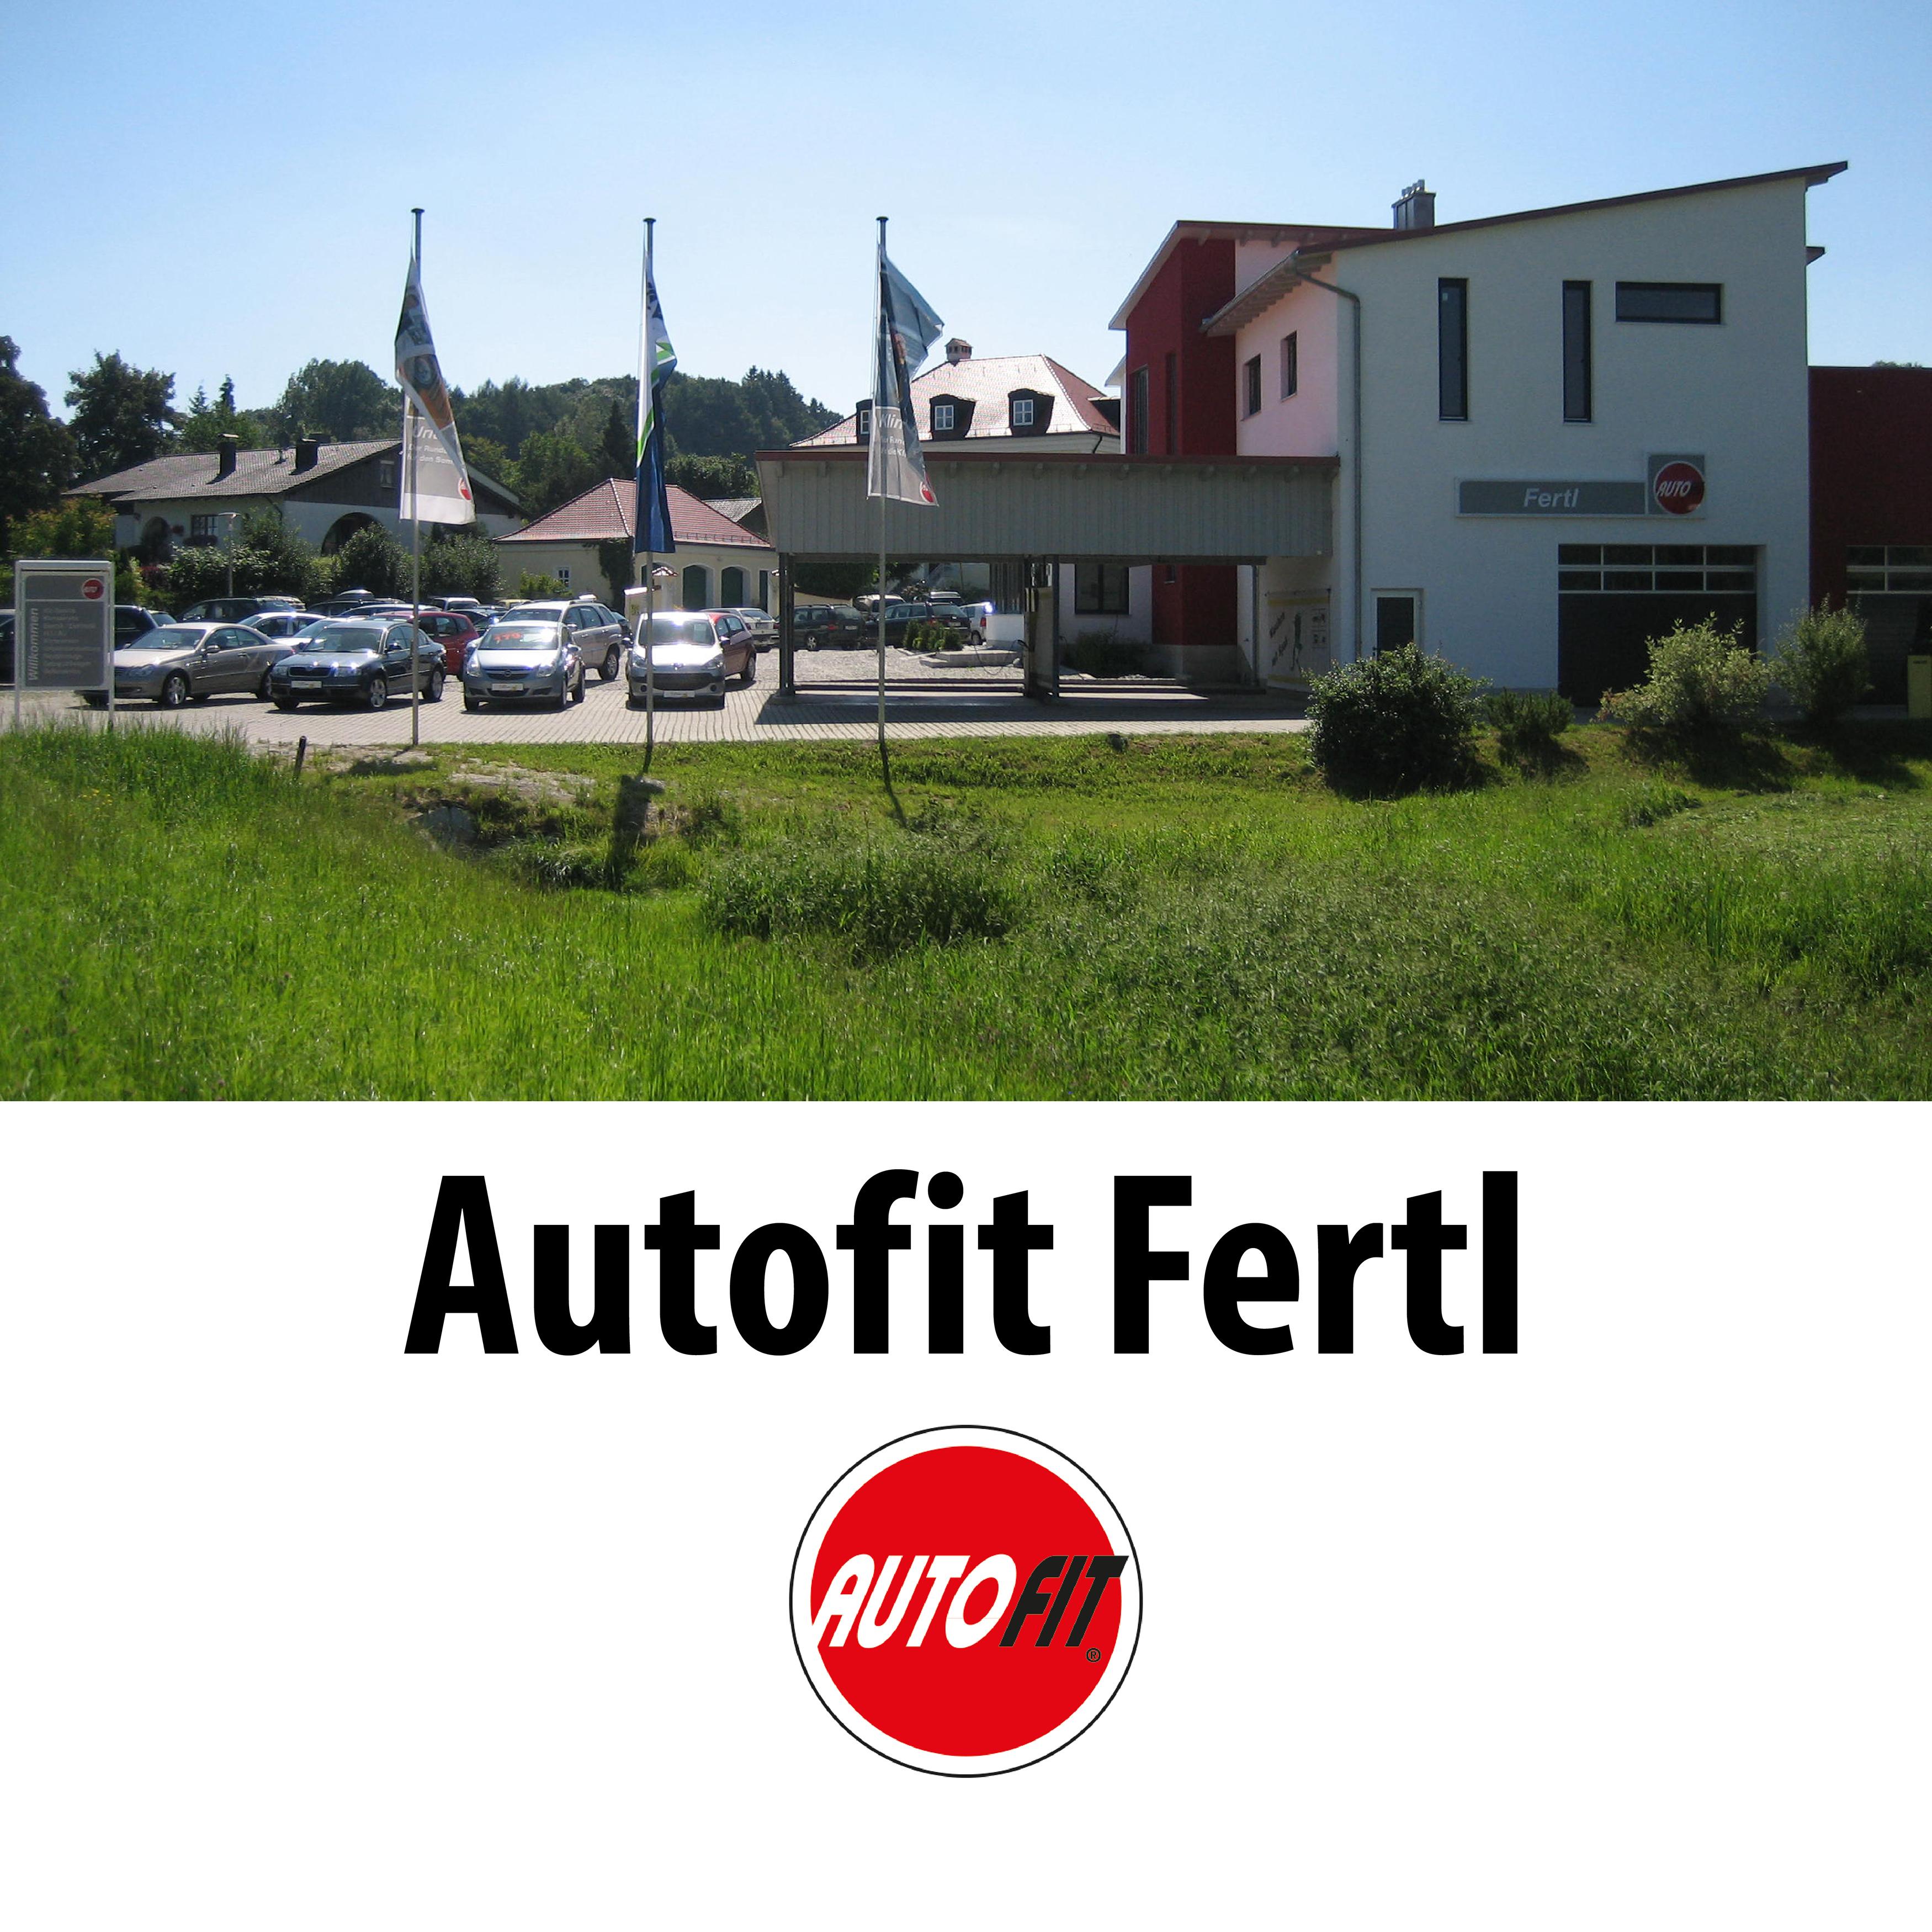 Autoteile Konrad Landshut